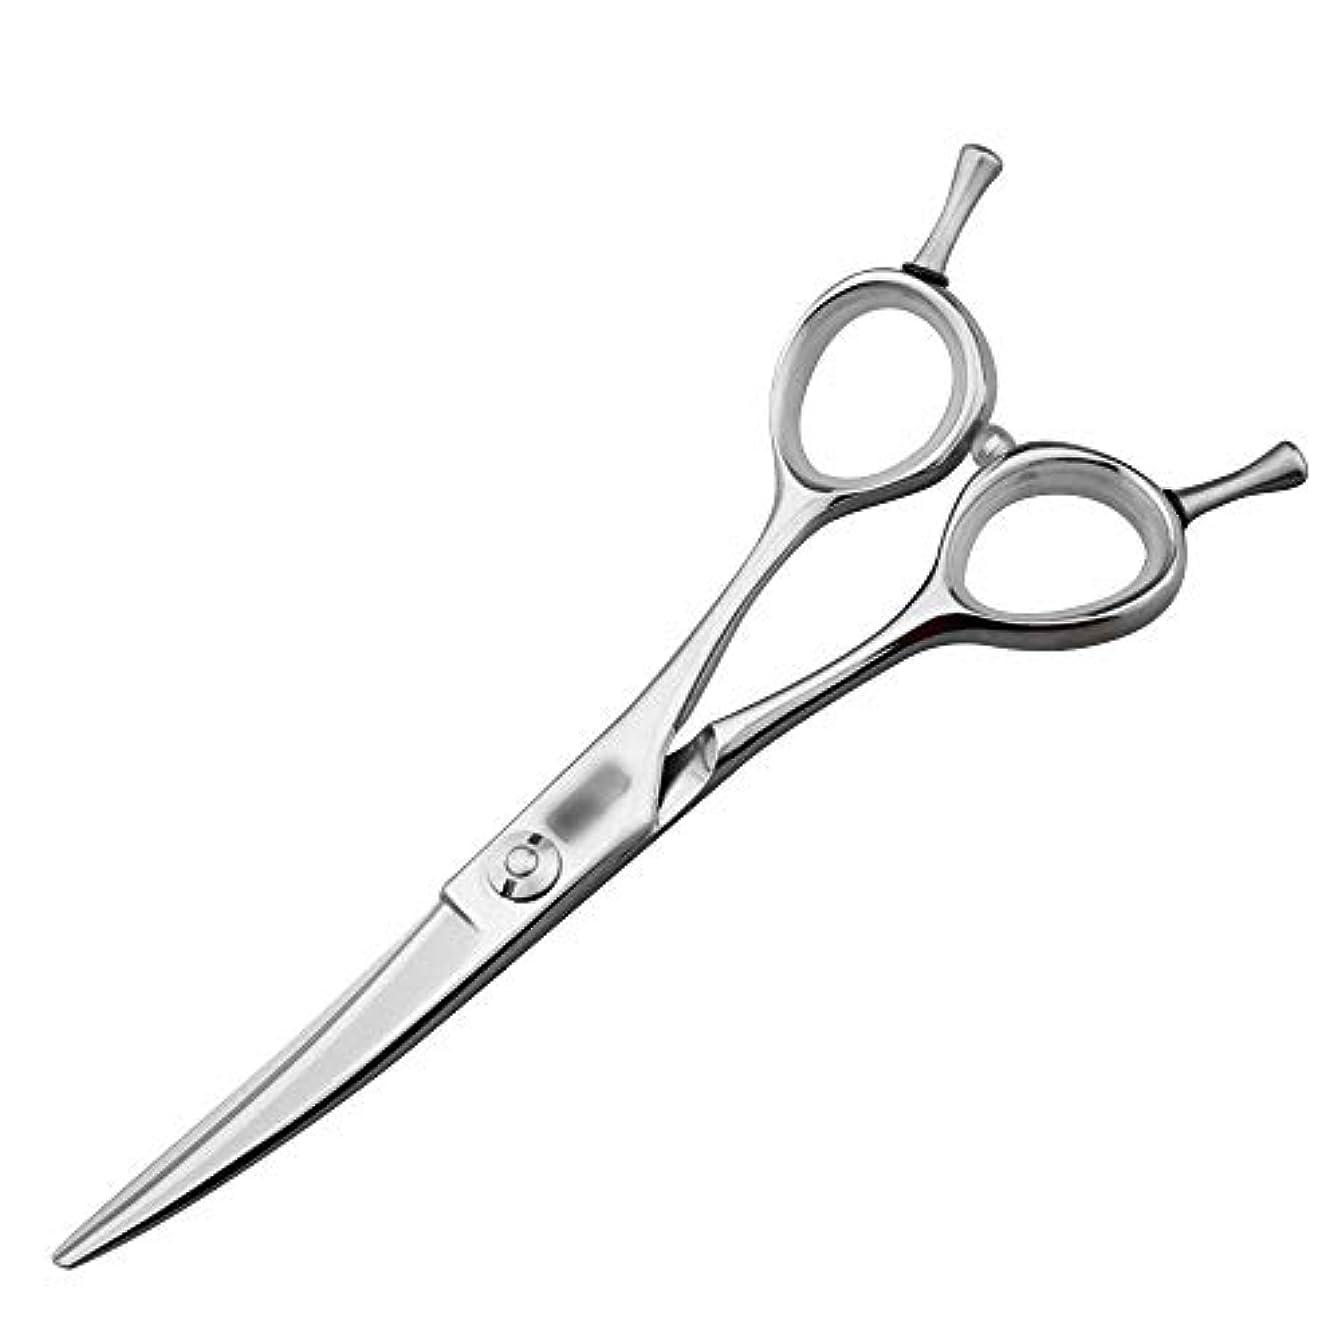 ボーダーの中で粒5.5インチの美容院の専門の上限の理髪はさみ、専門の注文の平らなはさみはさみ ヘアケア (色 : Silver)